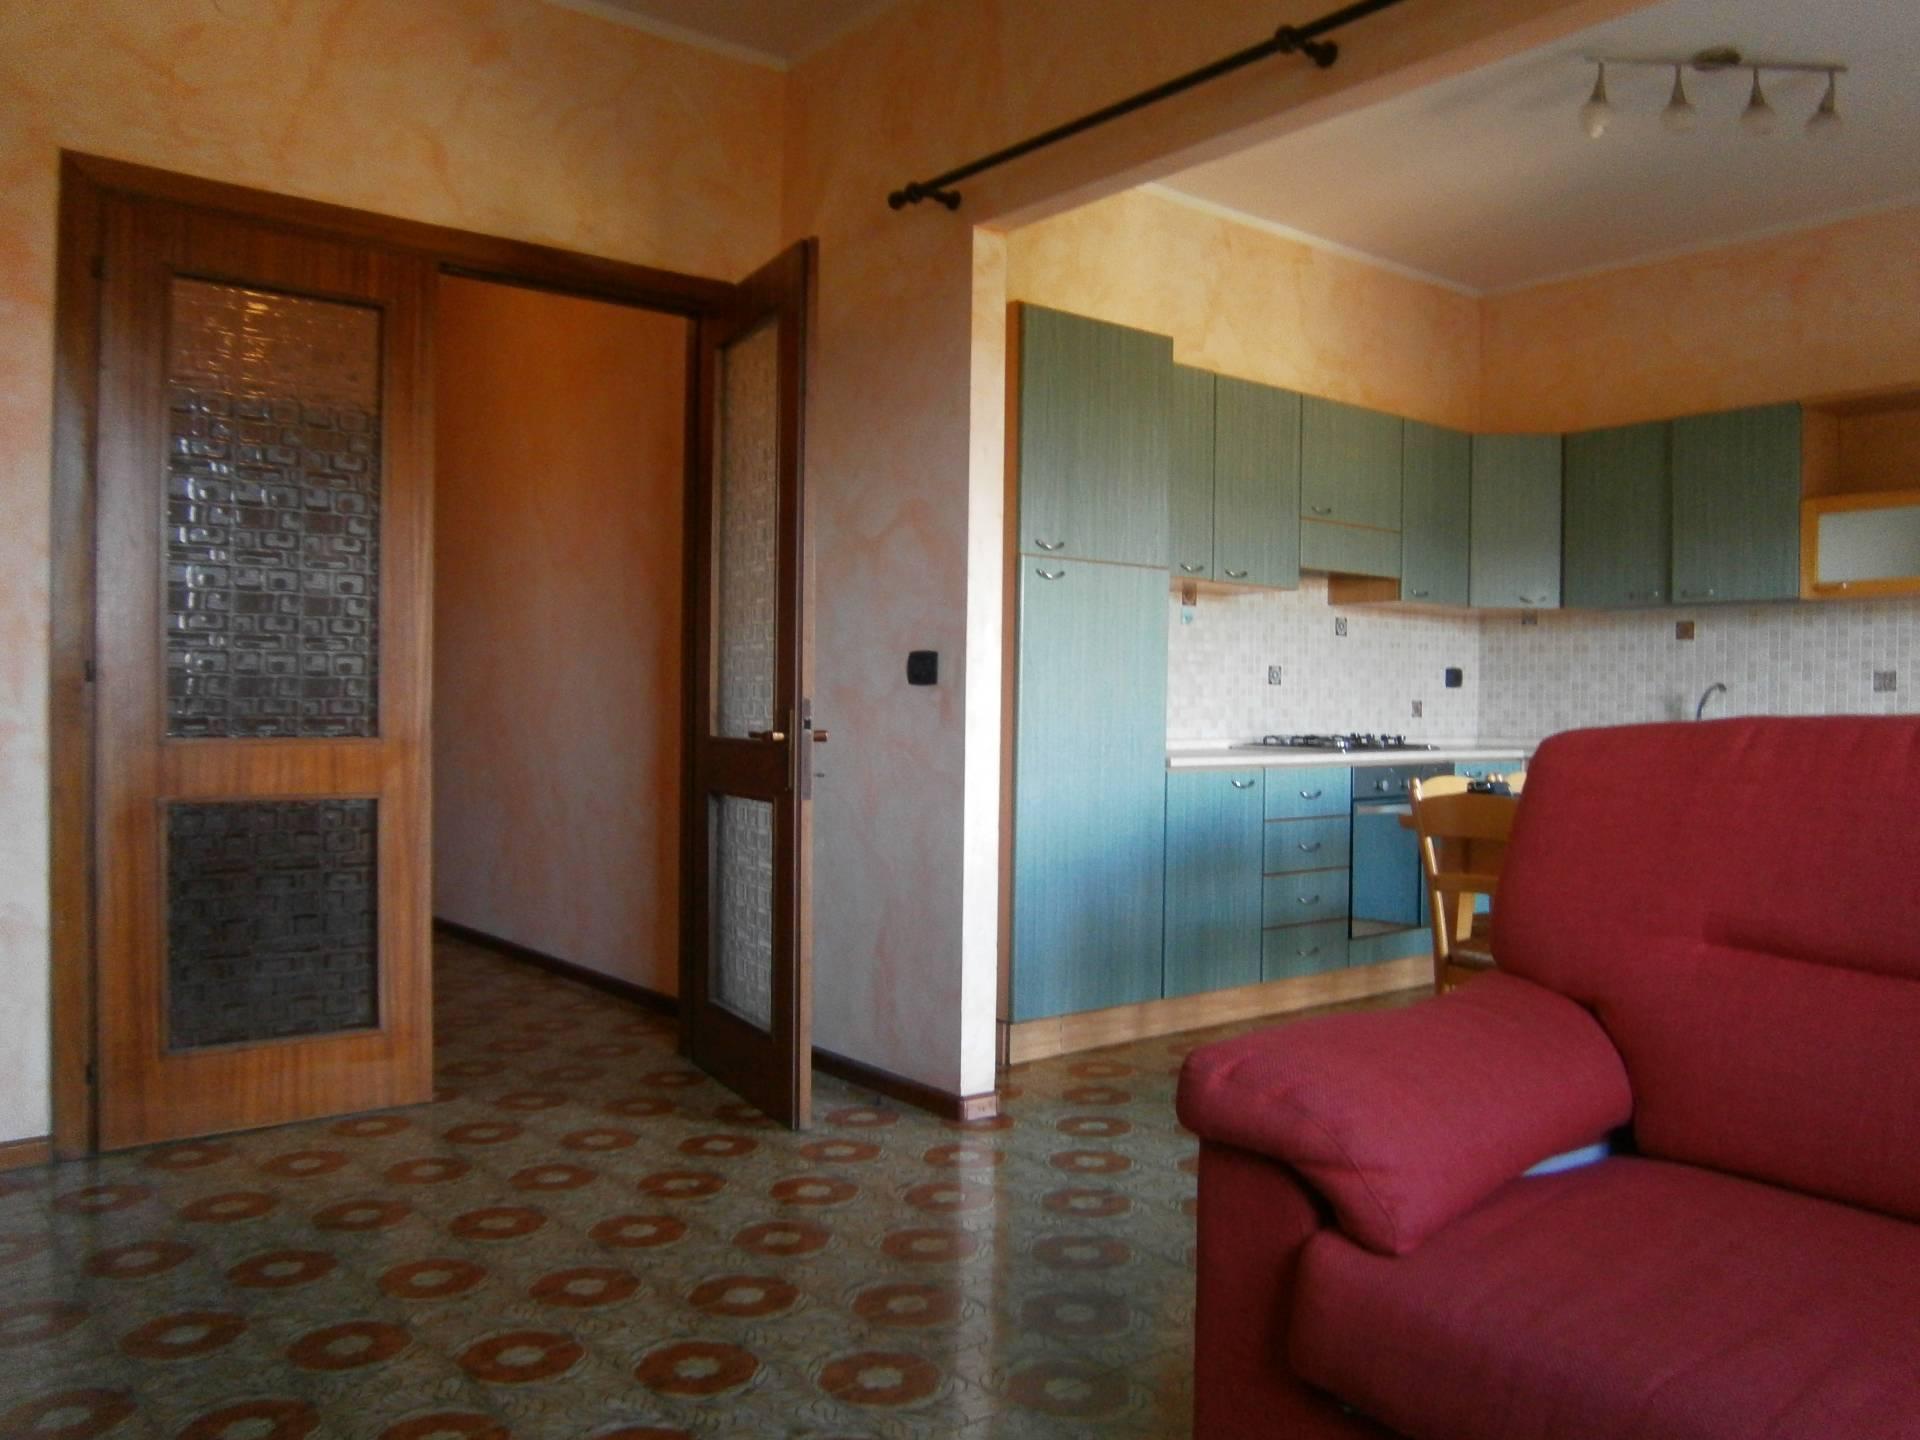 Appartamento in affitto a Cagliari, 4 locali, zona Zona: Genneruxi, prezzo € 750 | Cambio Casa.it